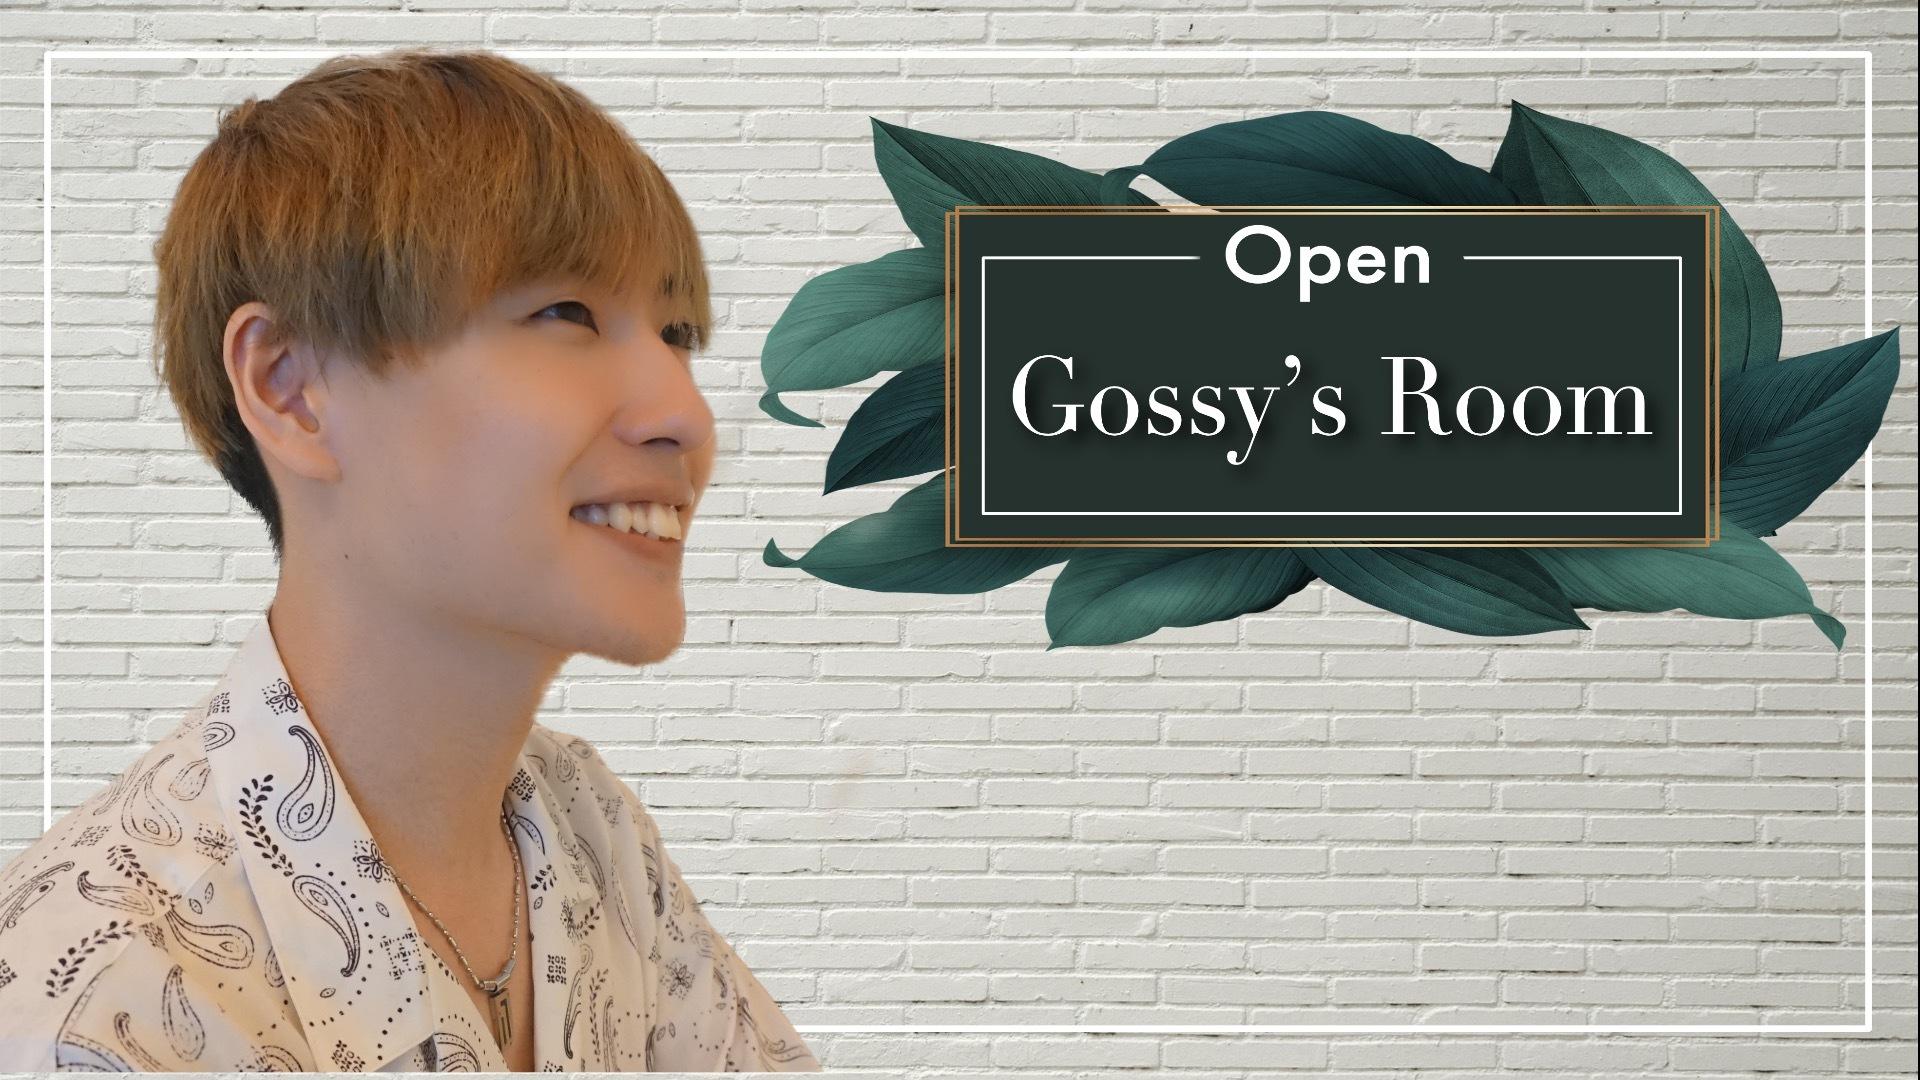 Gossy's Room